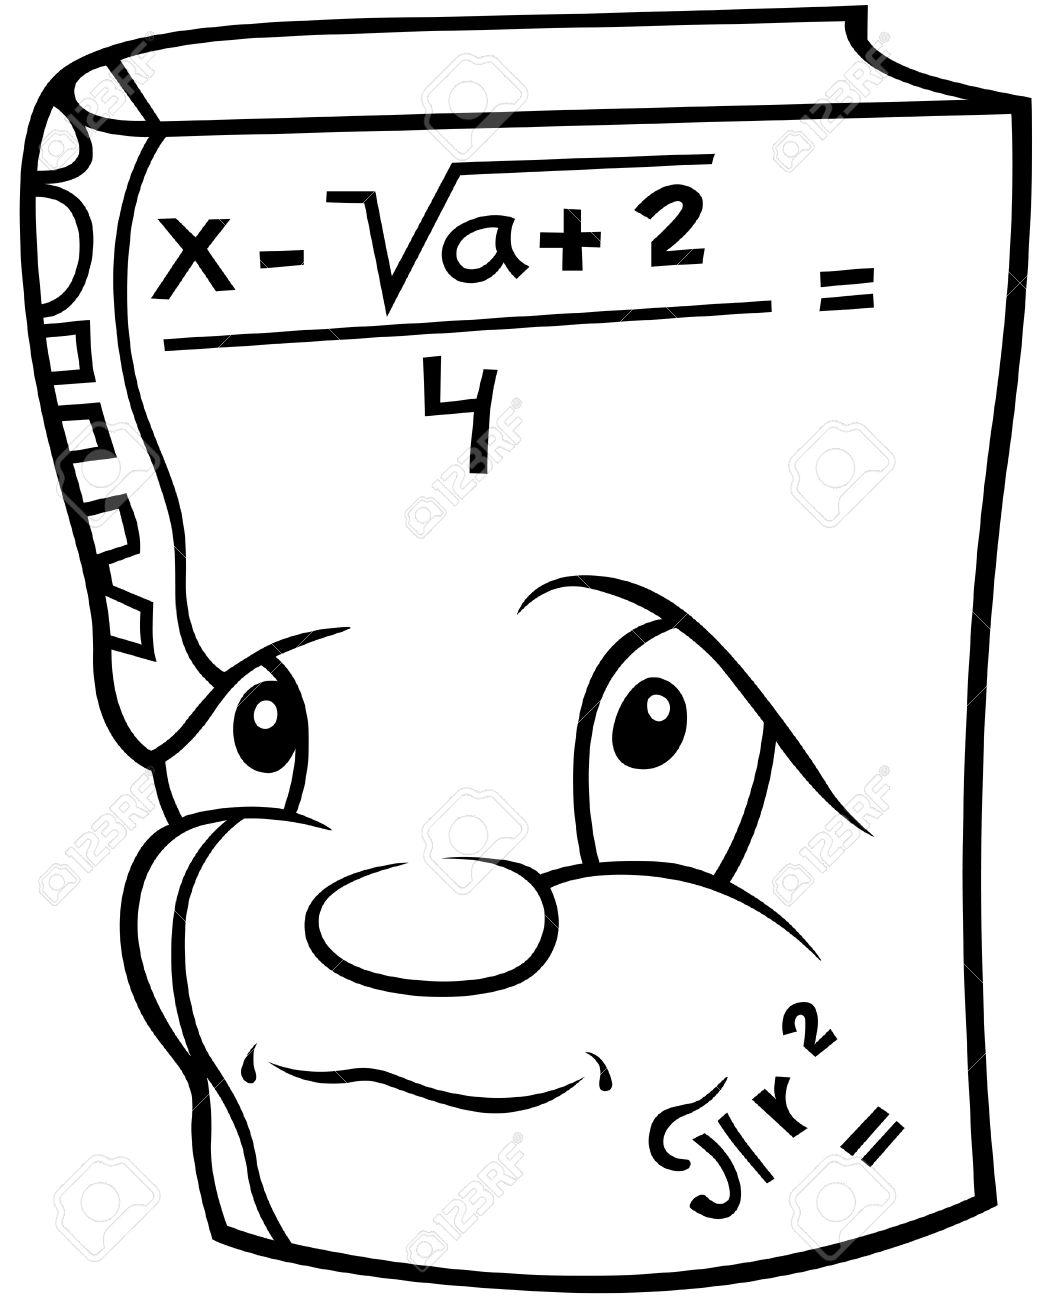 Libro De Matematicas Ilustracion De Dibujos Animados De Blanco Y